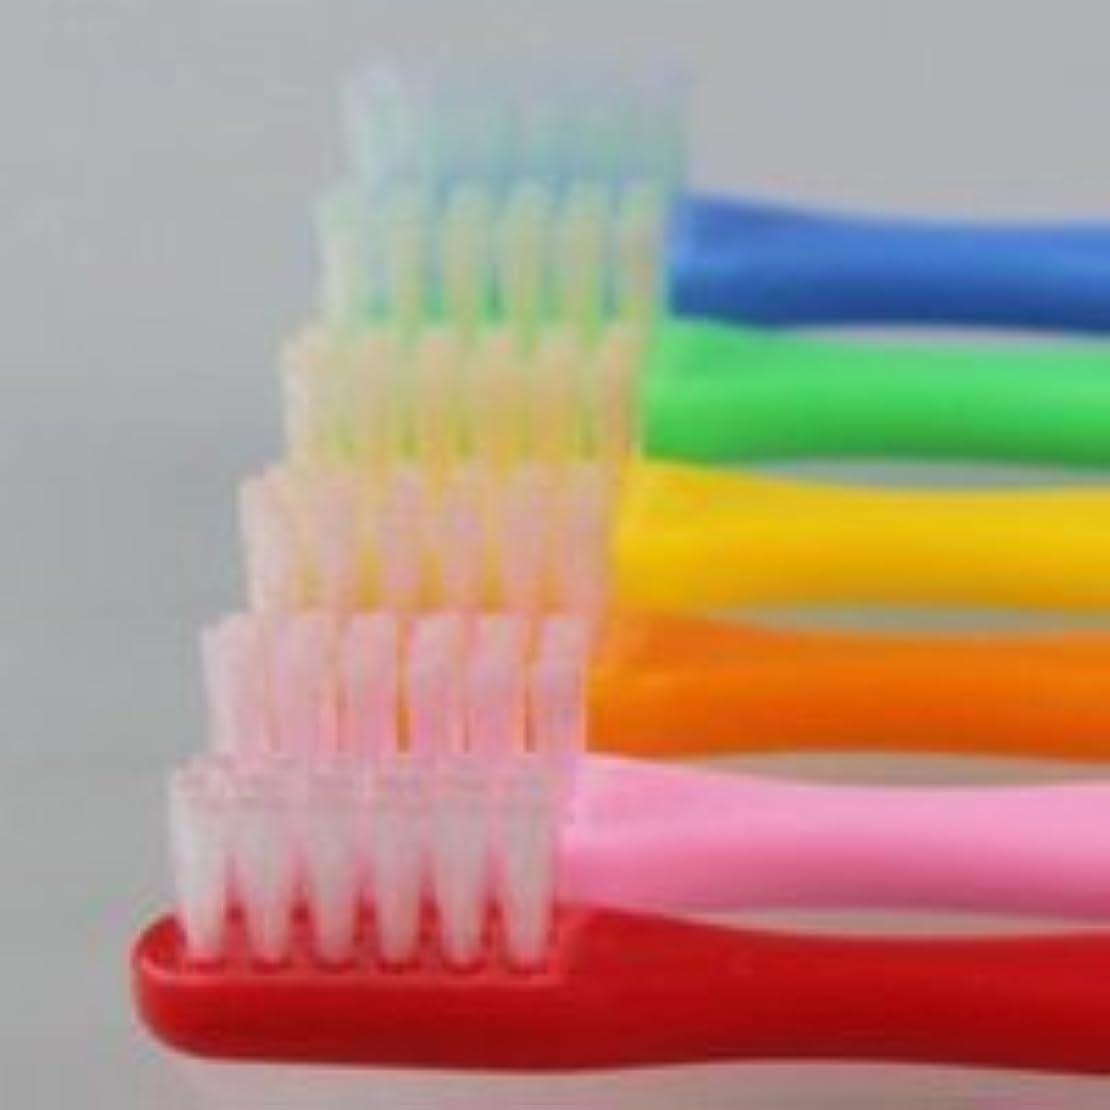 紳士ガウン牛肉サムフレンド 歯ブラシ #10(乳歯~6才向け) 6本 ※お色は当店お任せです